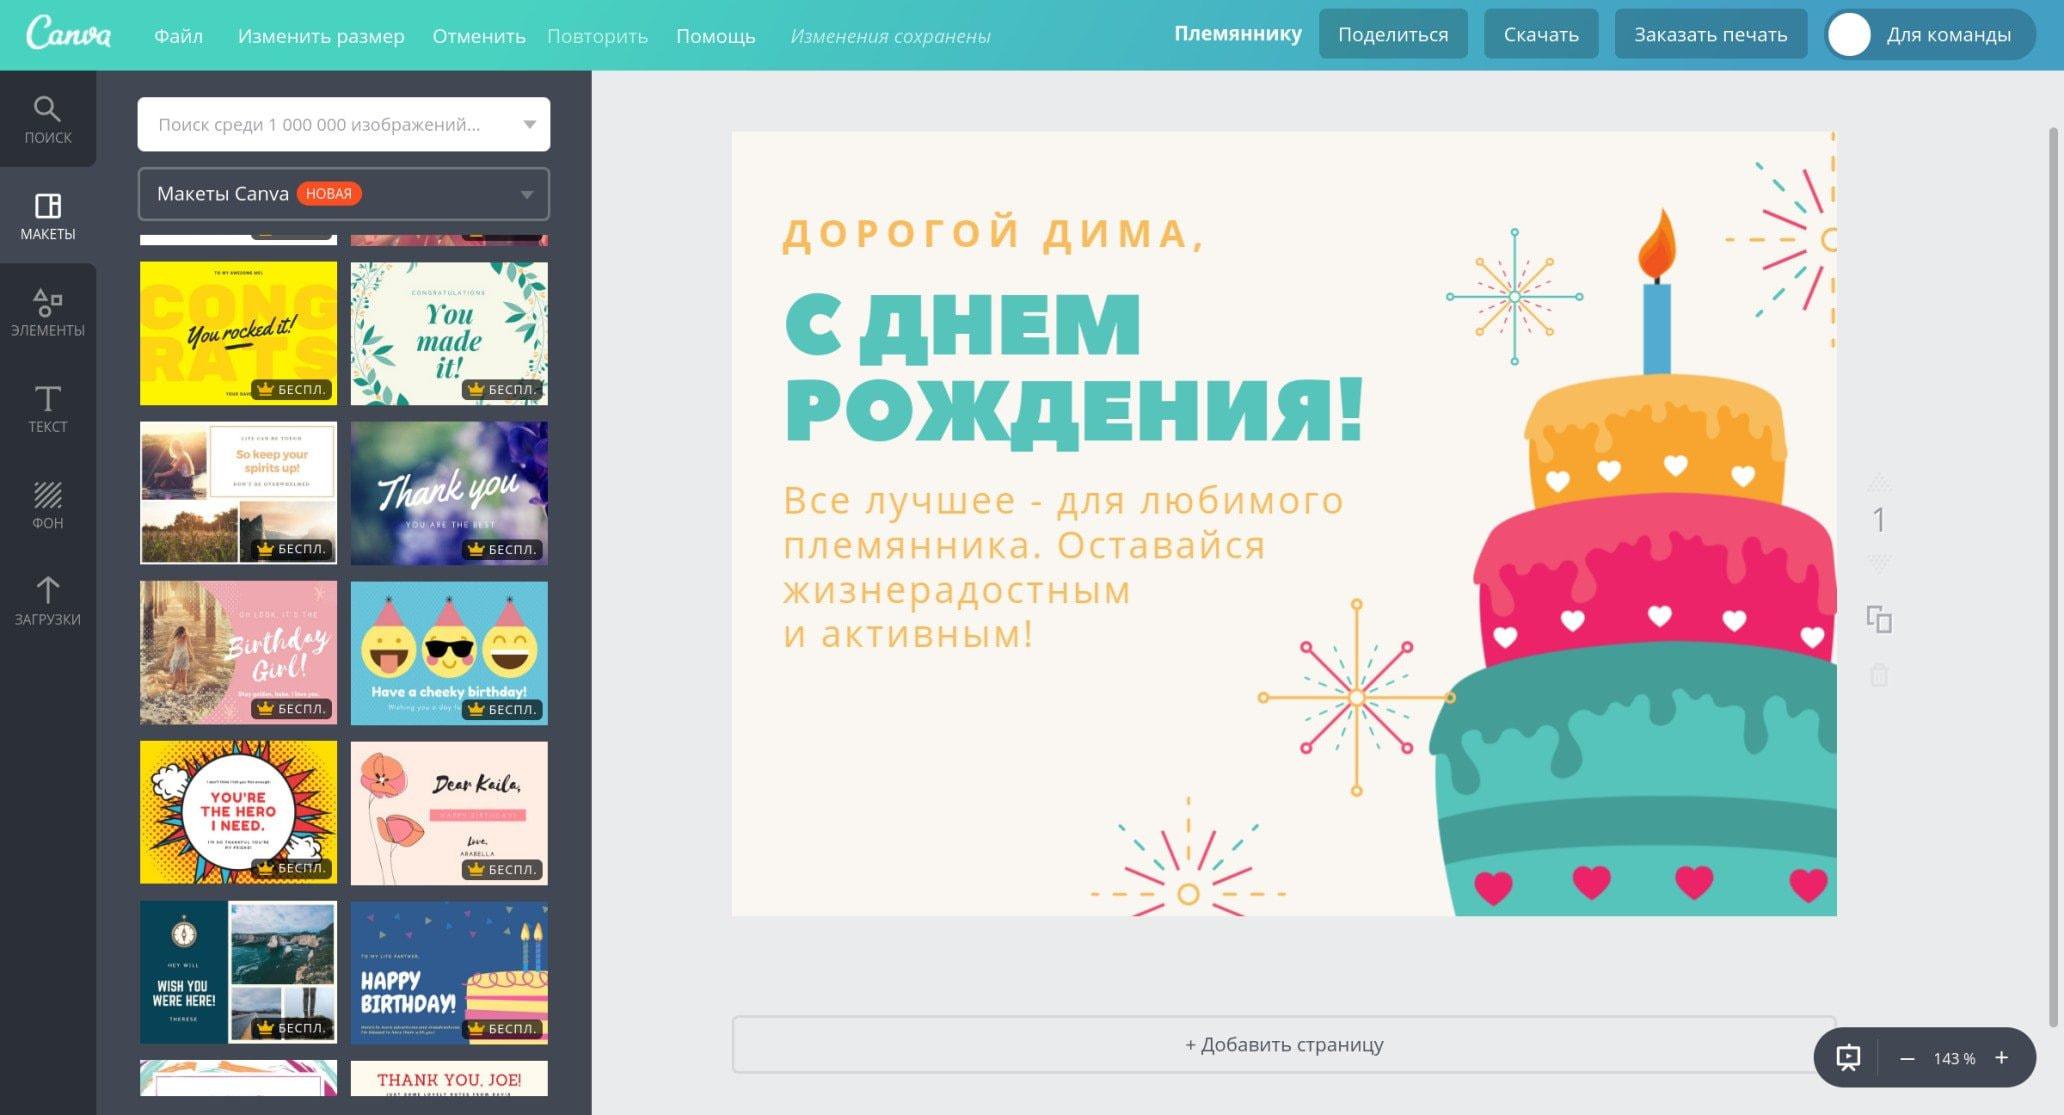 Создание открытки на день рождения племянника онлайн на русском языке